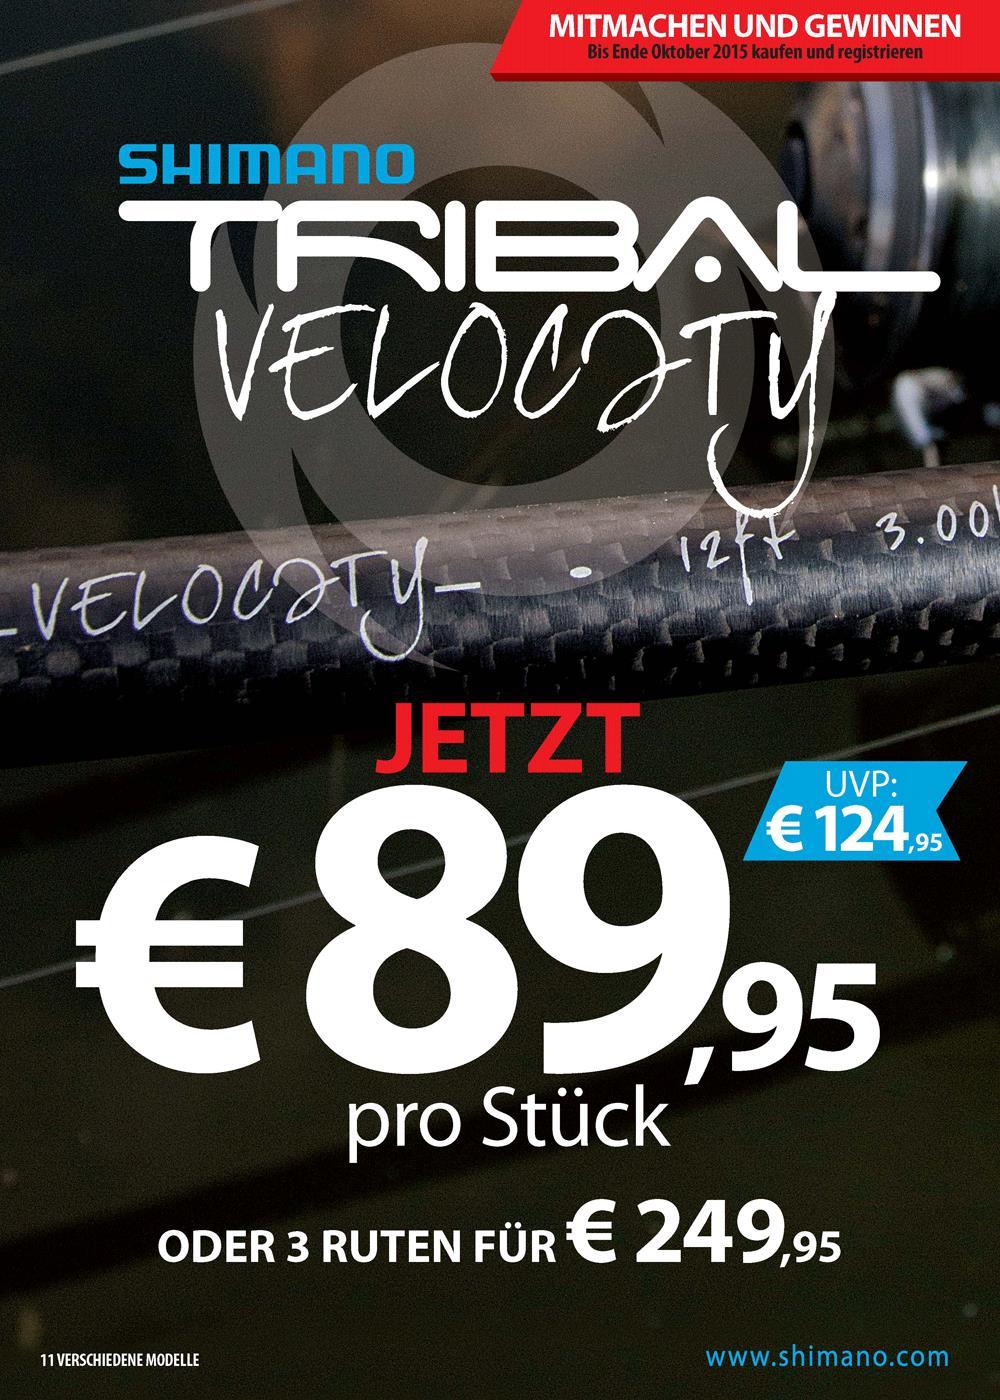 velocity - Brandheisses Shimano Angebot